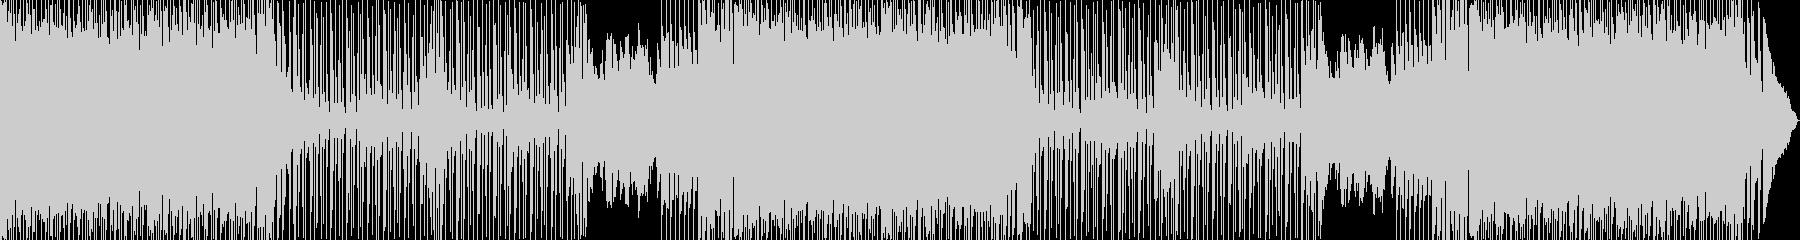 【Jpop】ロックなジミーの未再生の波形